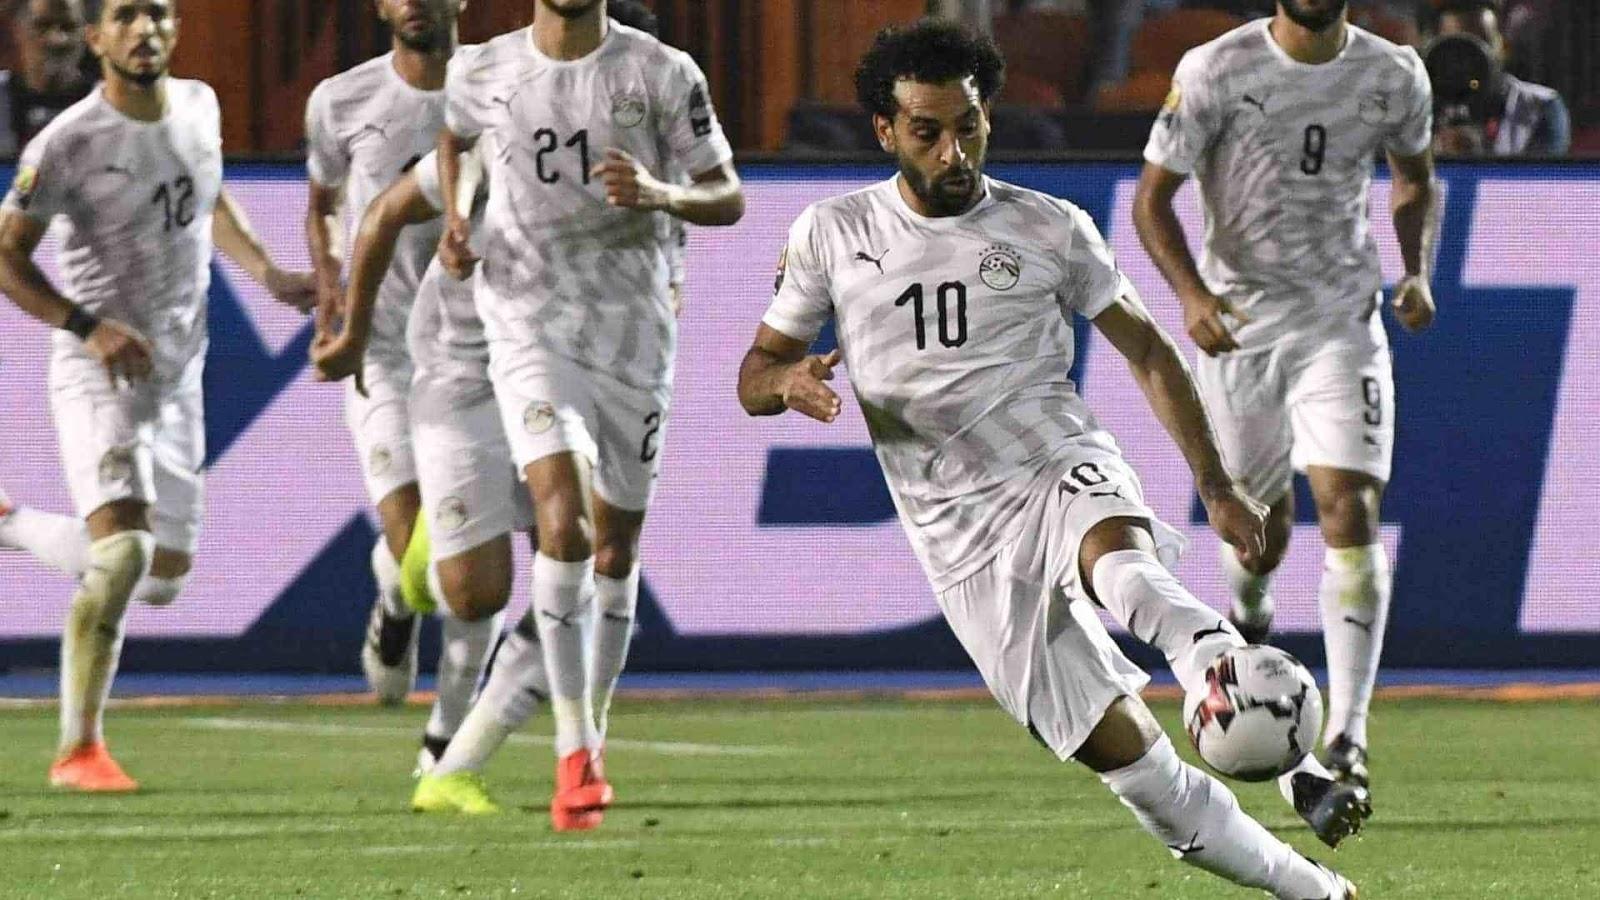 نتيجة مباراة مصر وجنوب افريقيا اليوم السبت بتاريخ 06-07-2019 كأس الأمم الأفريقية